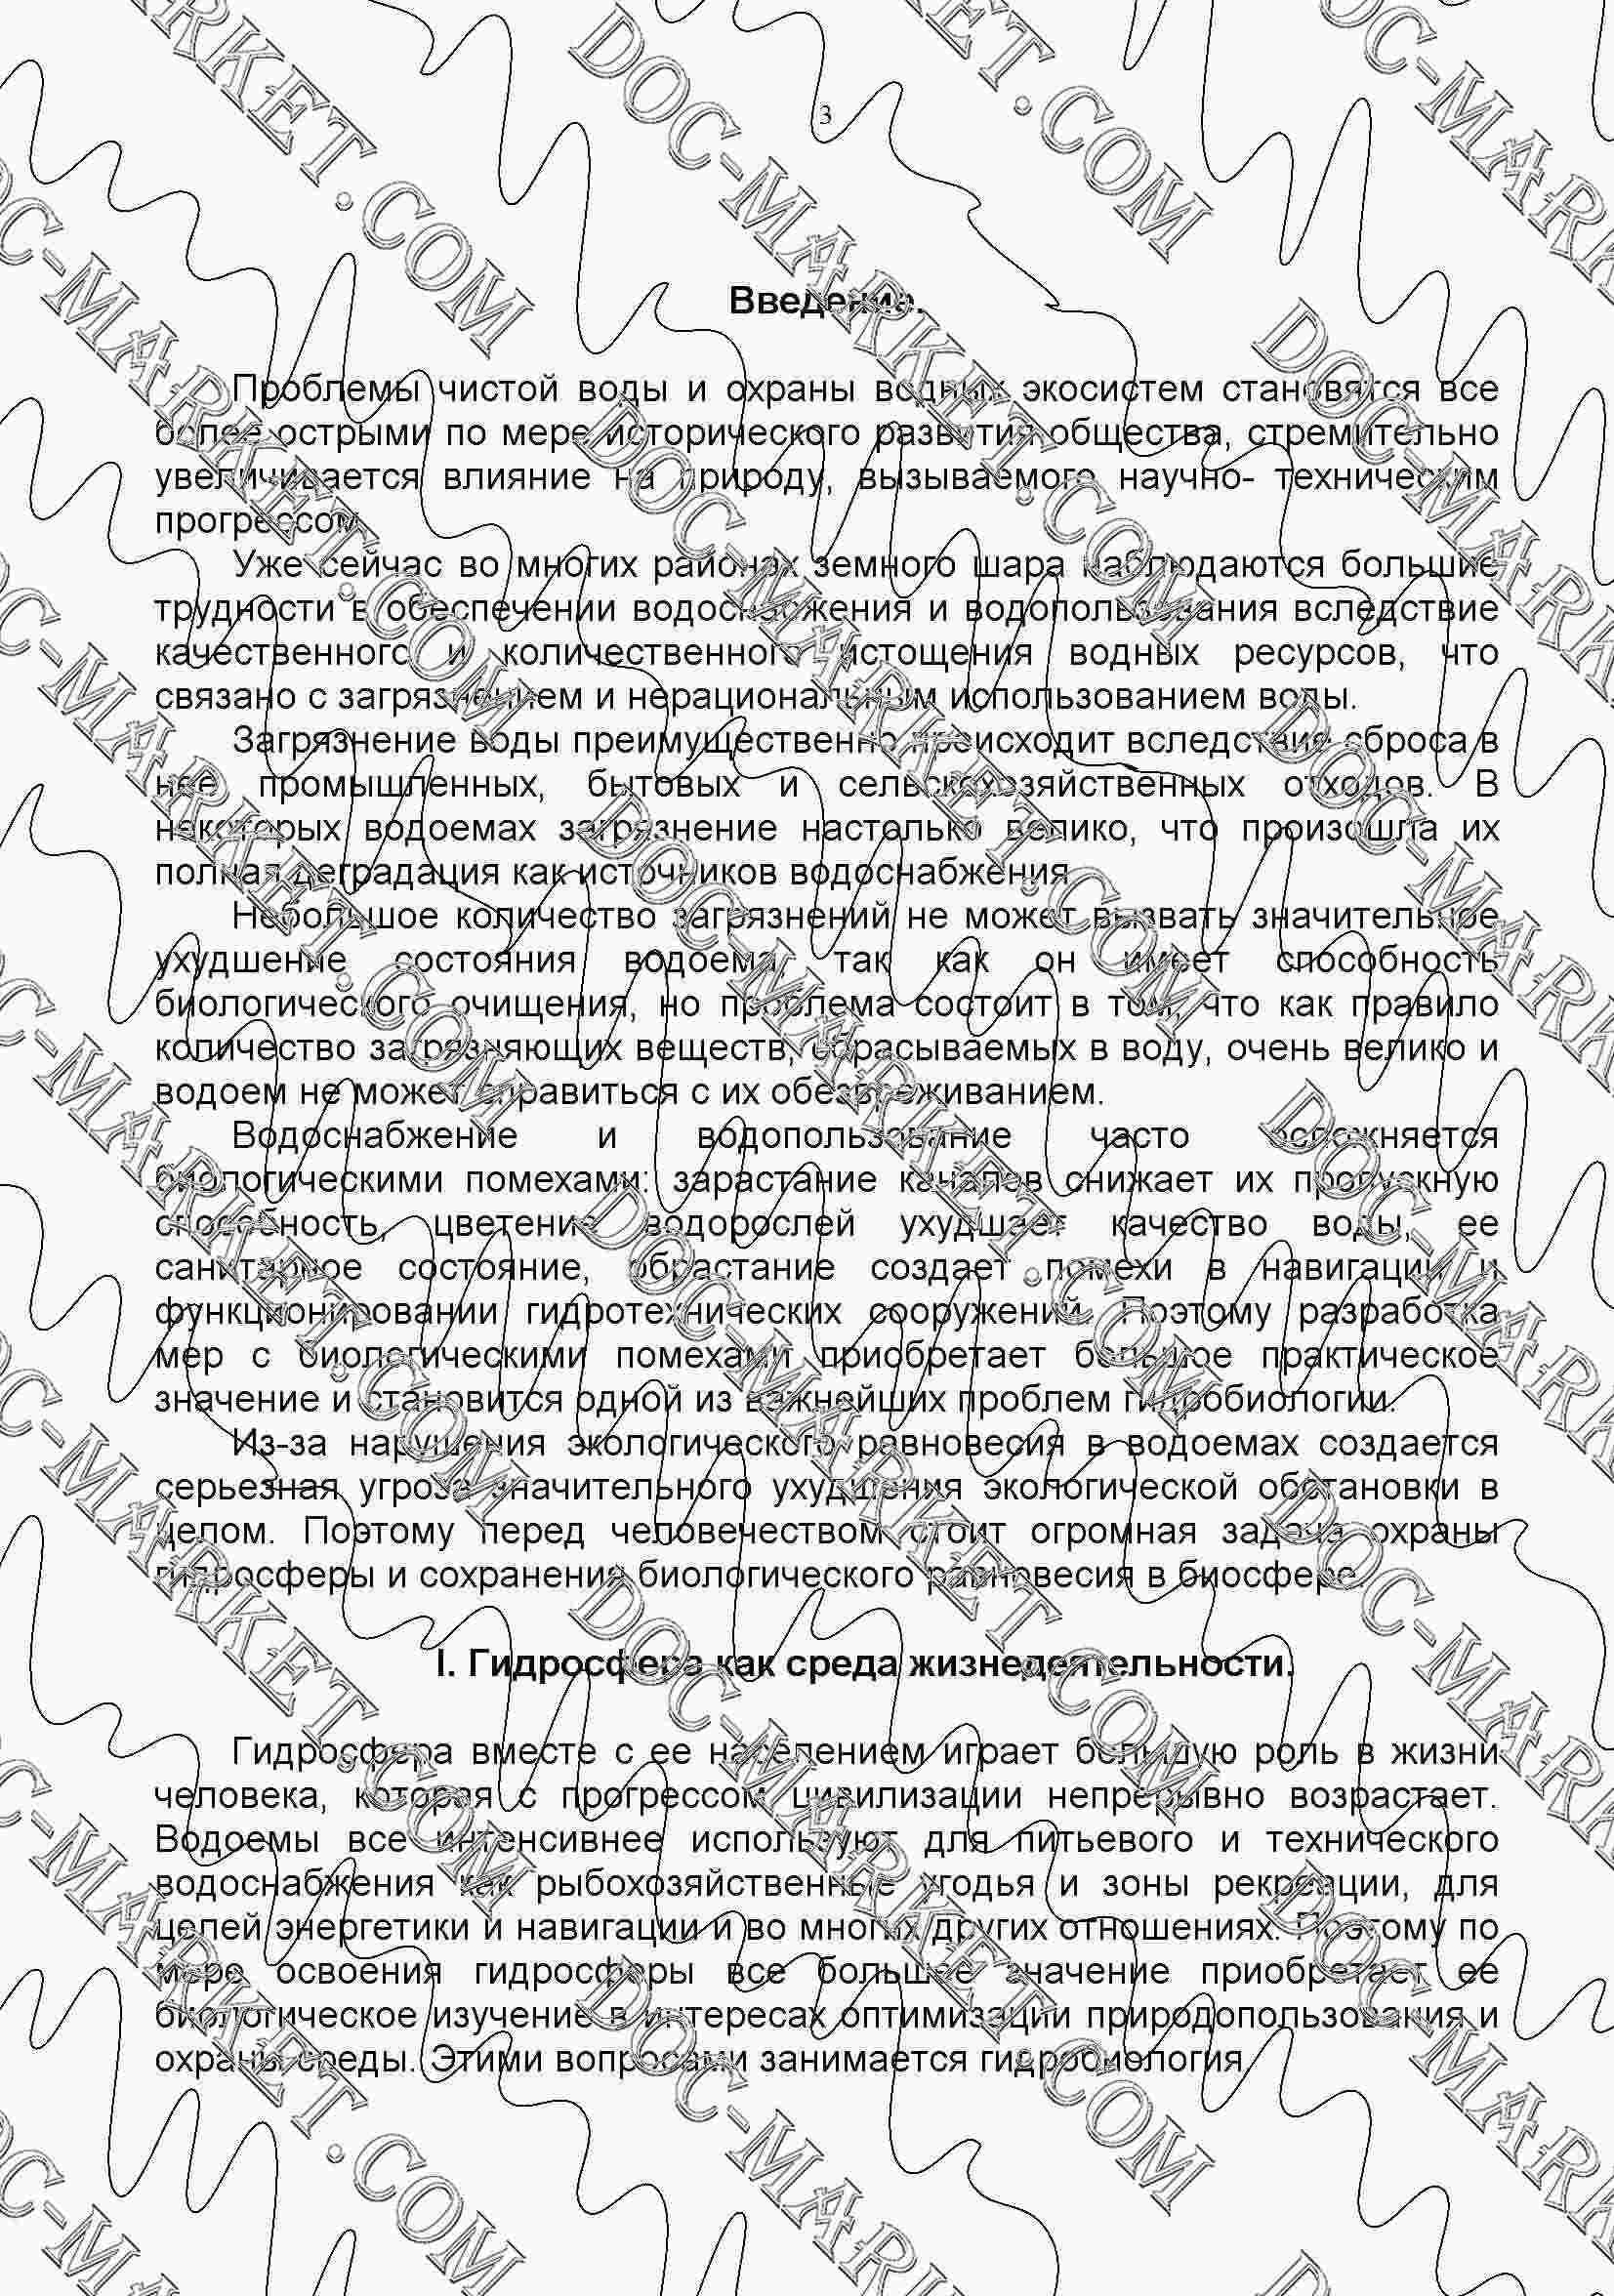 реферат на тему октябрьская революция 1917 года